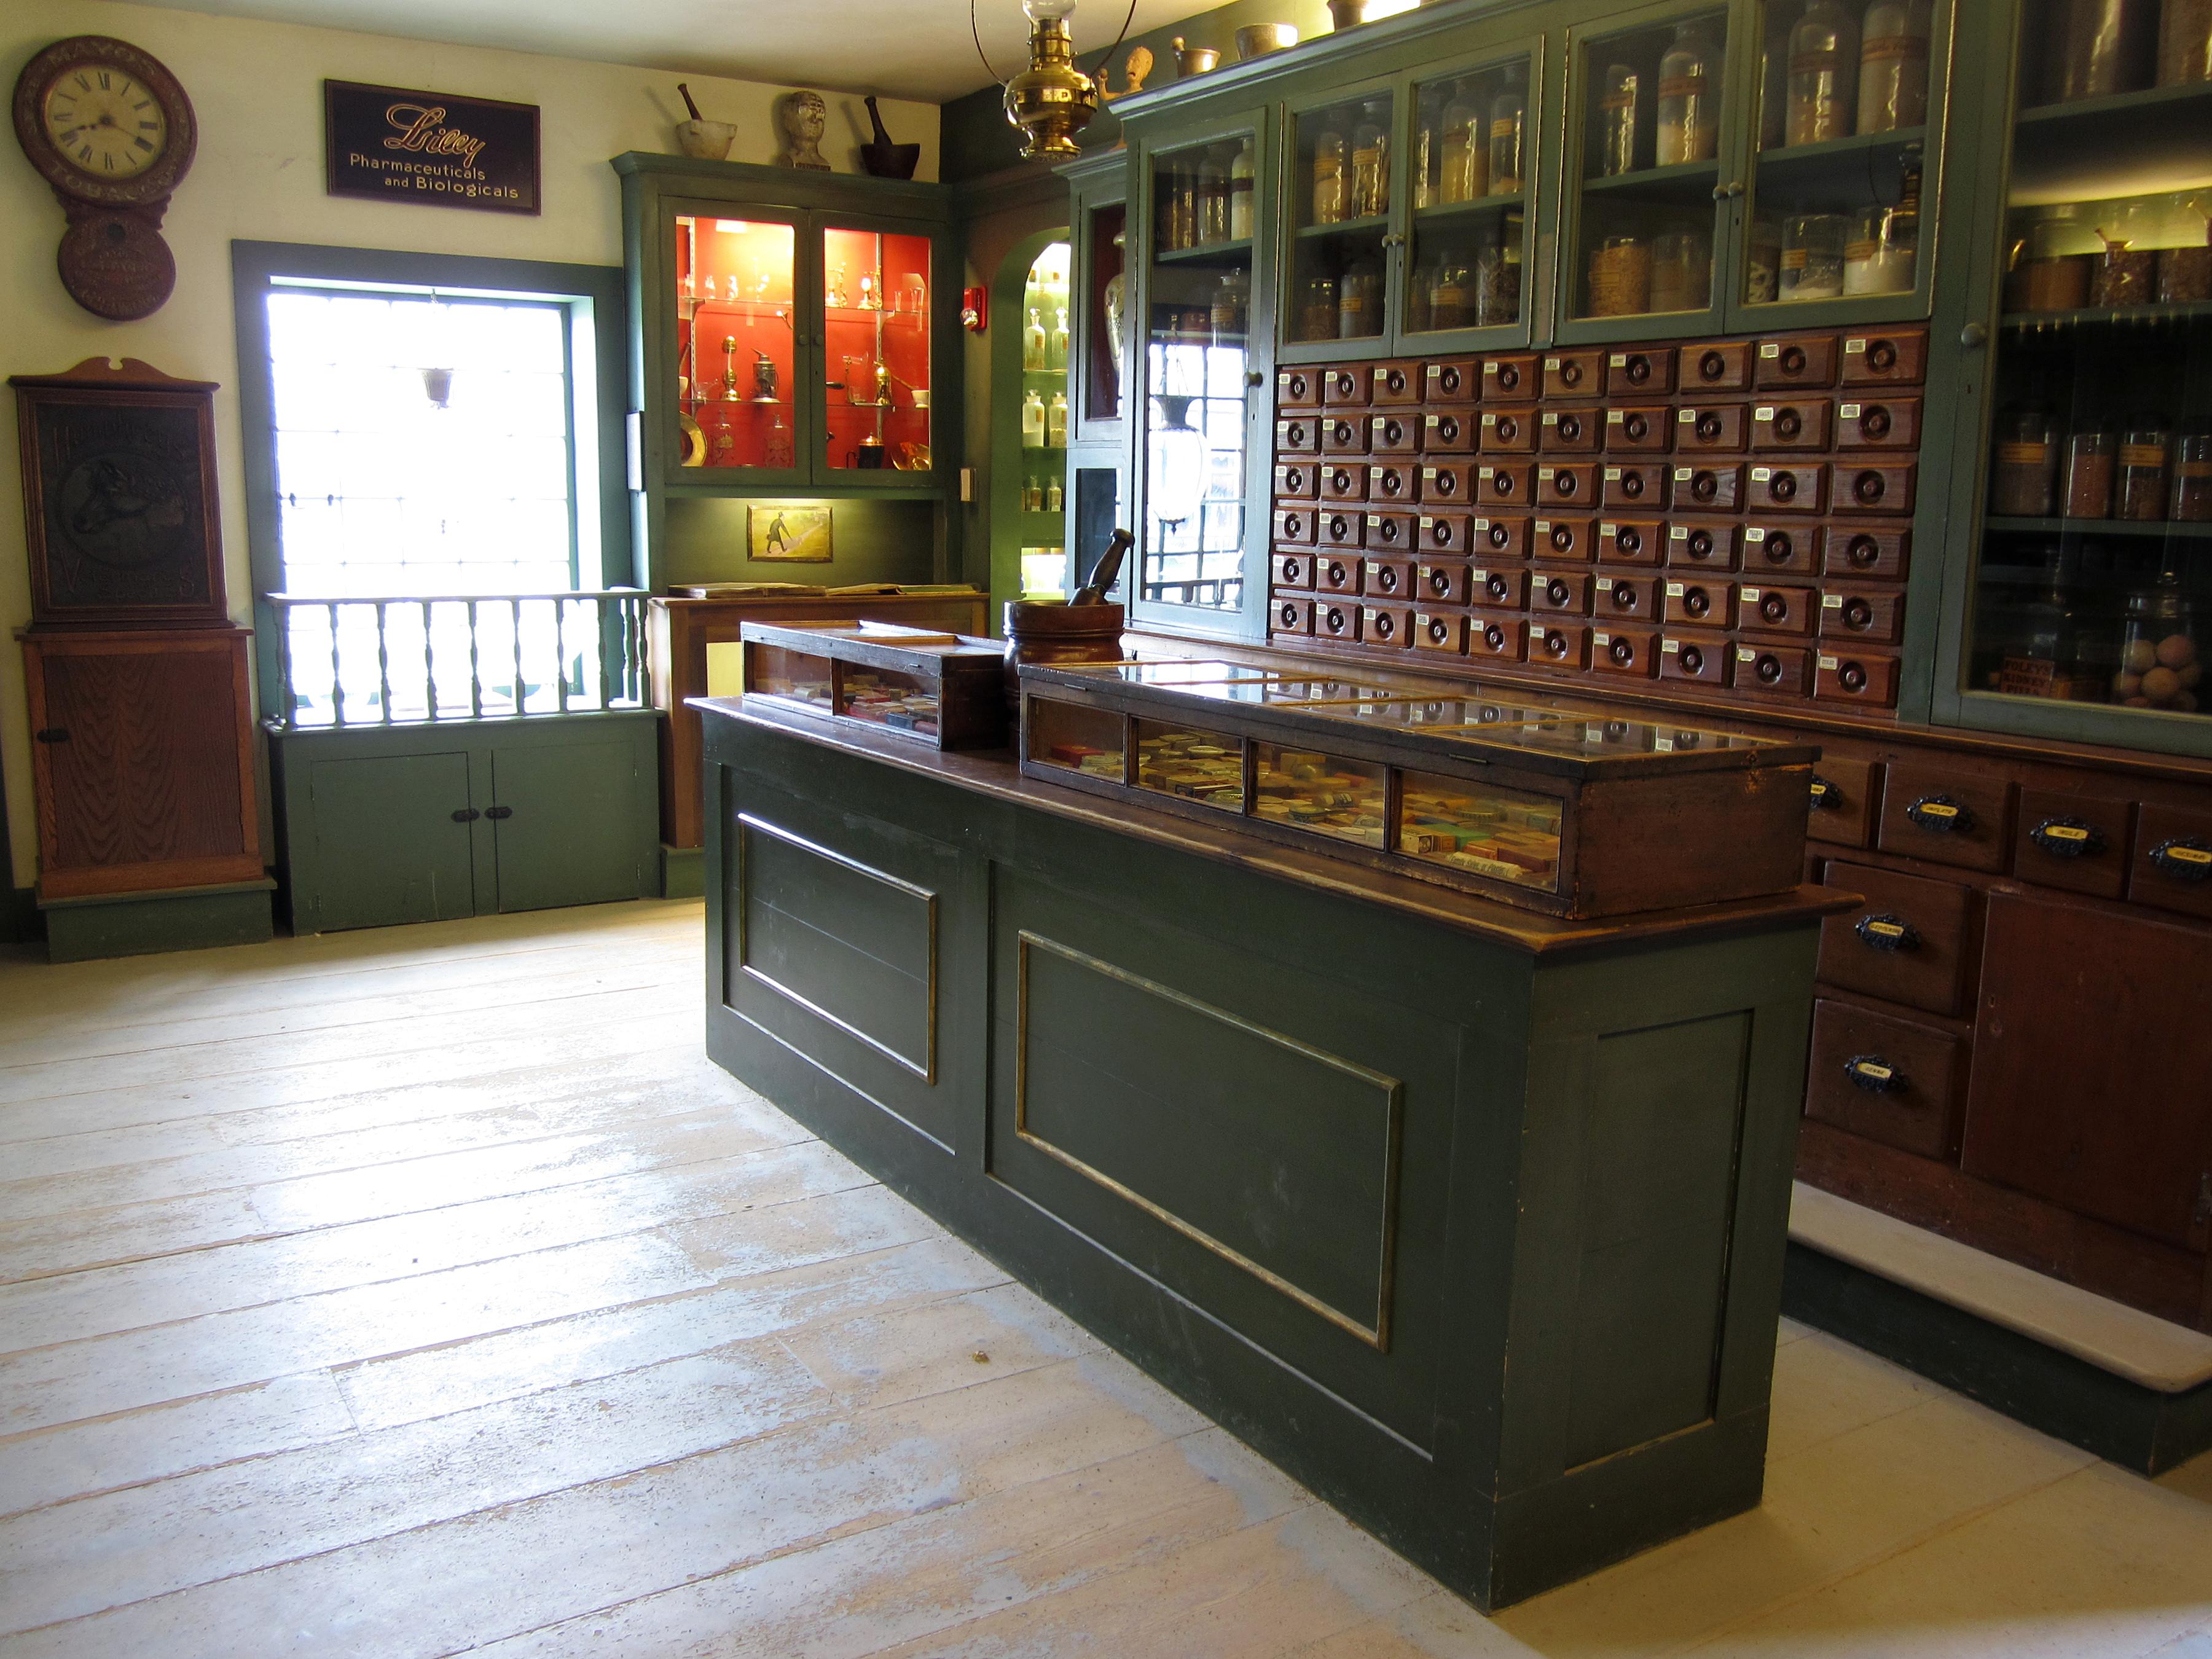 Description Apothecary Shop, Interior 2.jpg: commons.wikimedia.org/wiki/File:Apothecary_Shop,_Interior_2.jpg